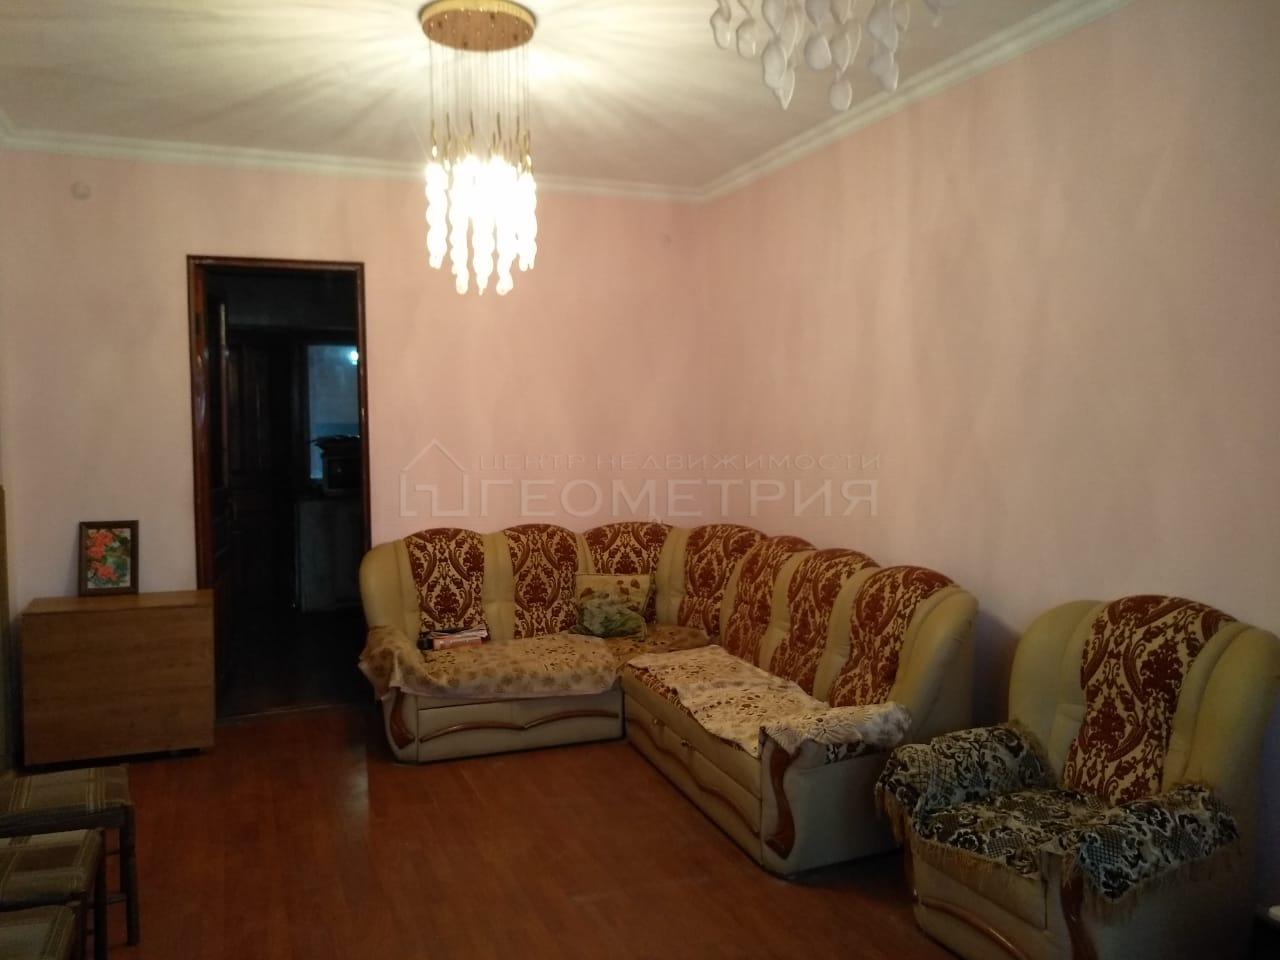 Продам дом по адресу Россия, Краснодарский край, городской округ Краснодар, Краснодар, Троицкая улица фото 8 по выгодной цене